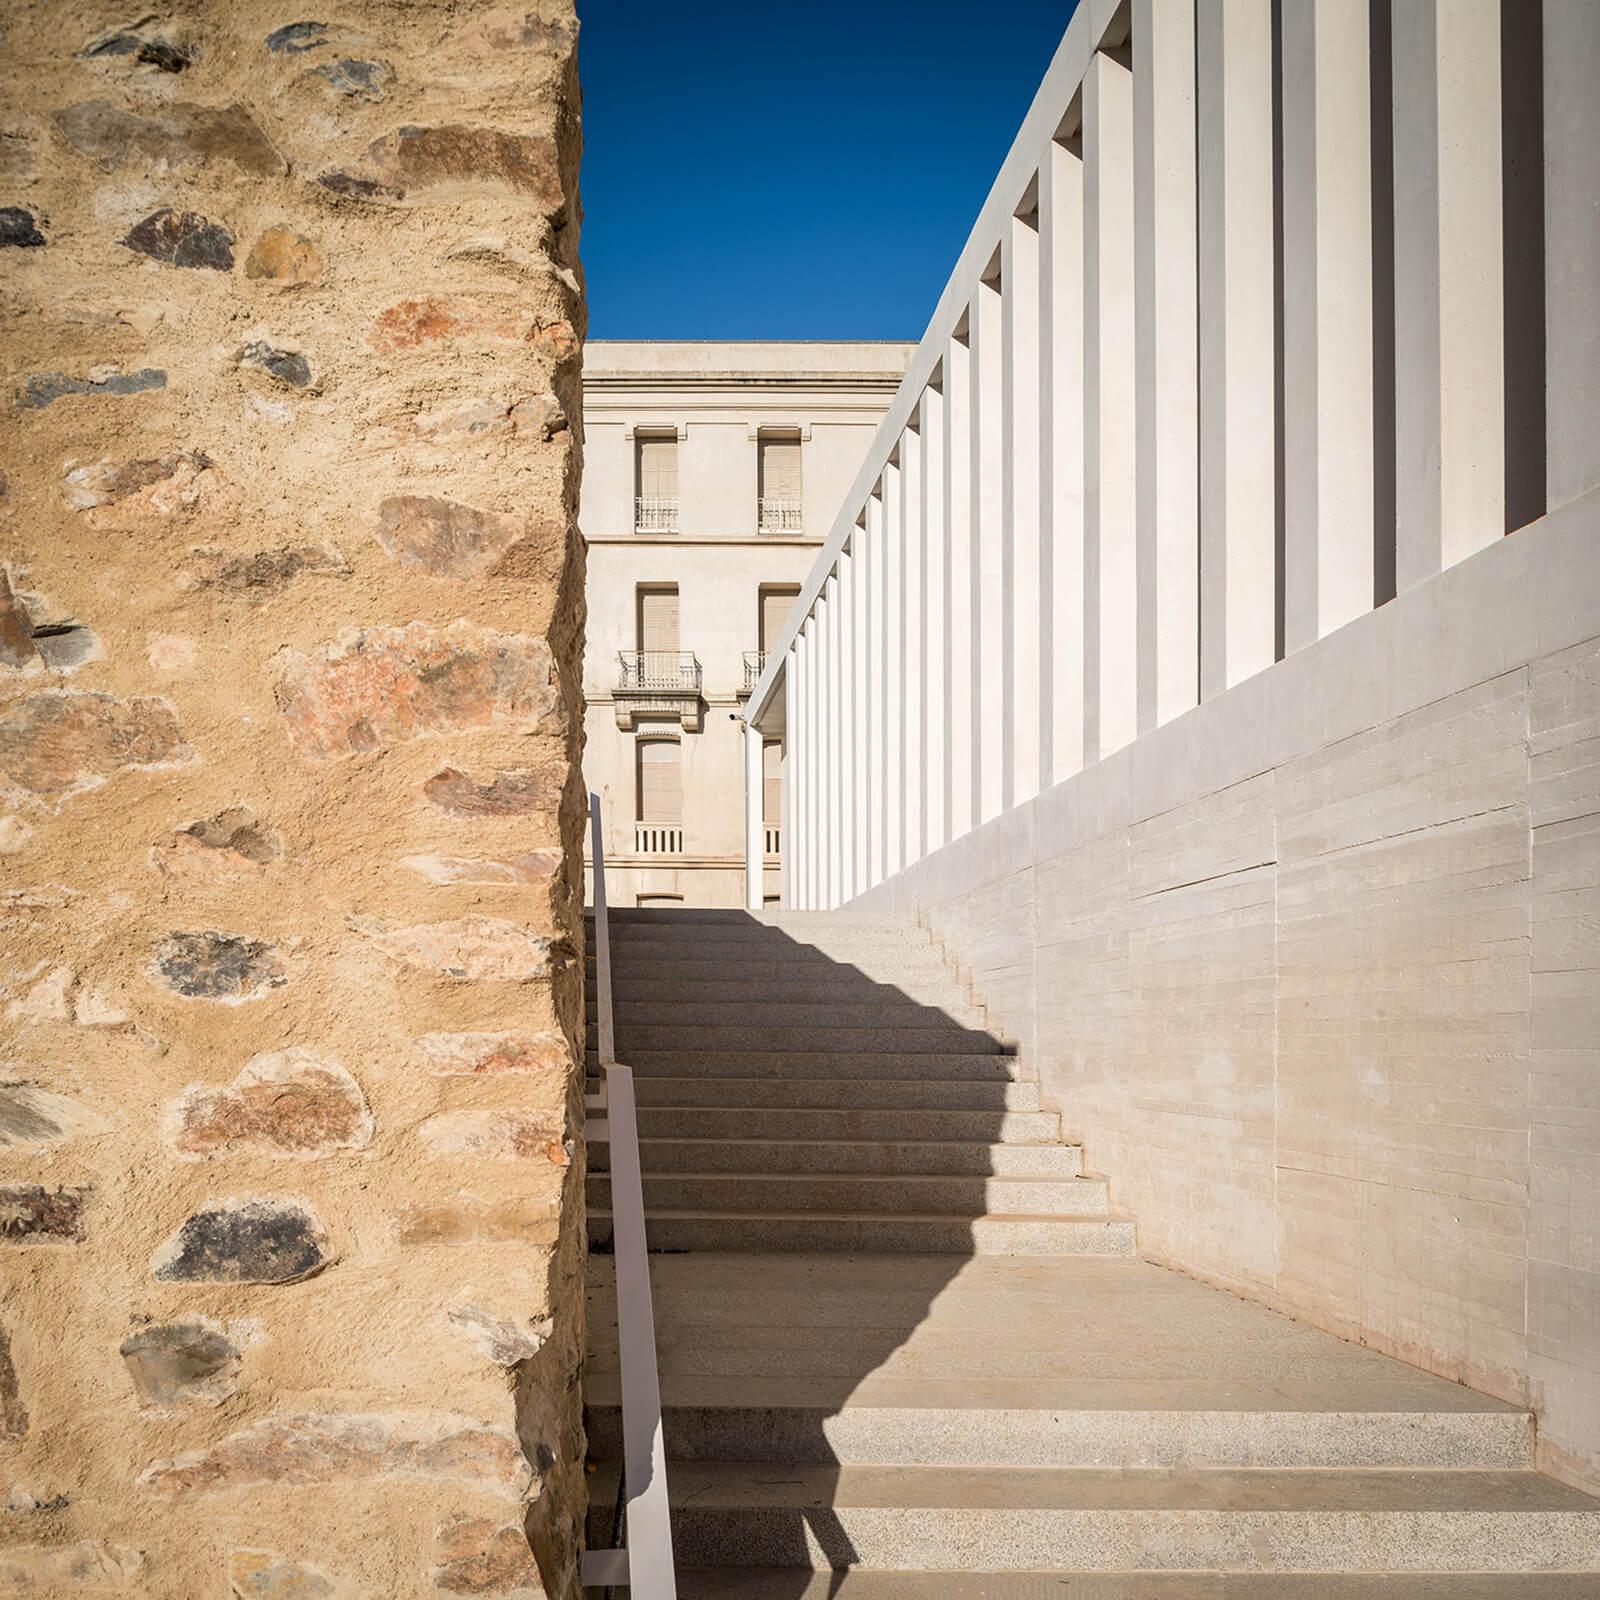 Museo de Arte Contemporáneo Helga de Alvear  - 3.2 38